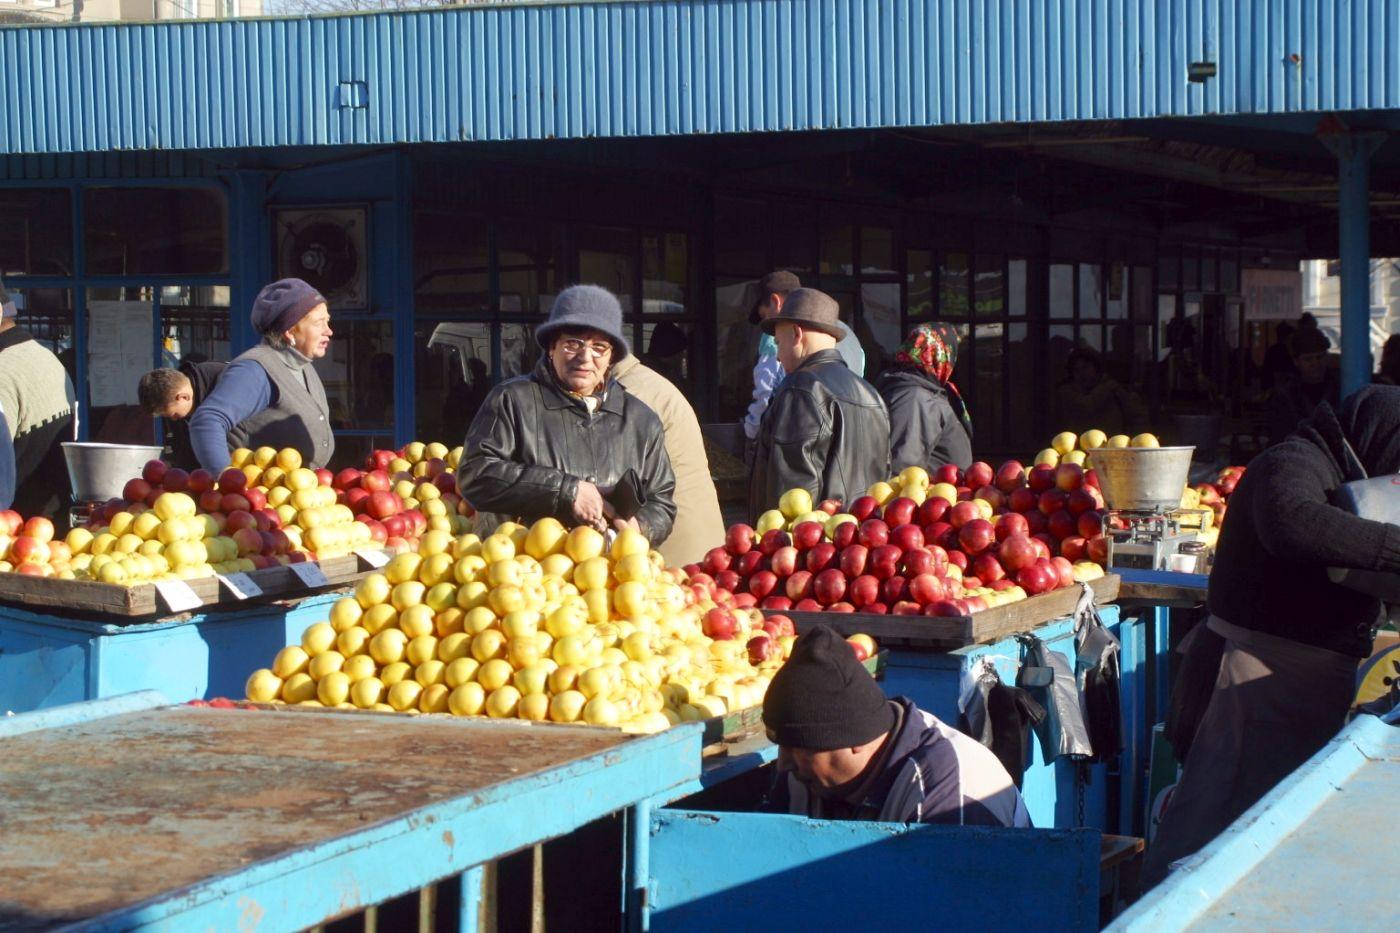 piata Grivitei - fructe